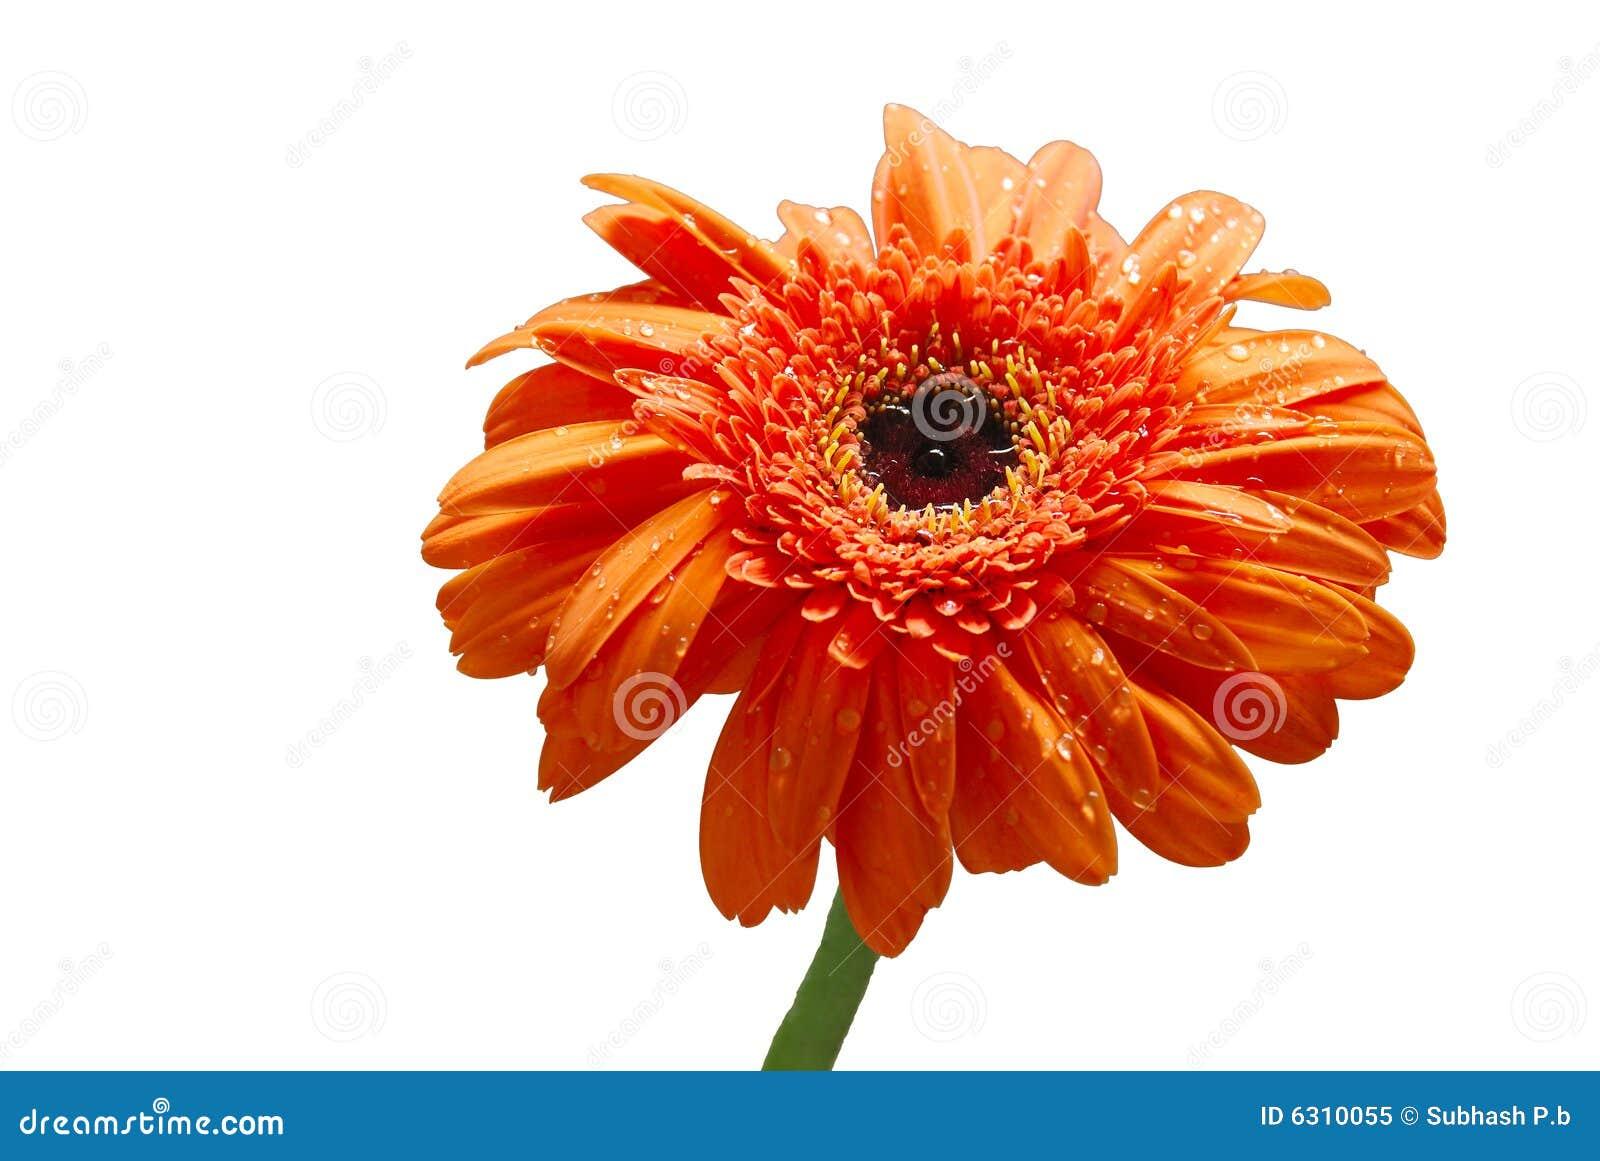 Getrennte Blume des orange Gänseblümchens